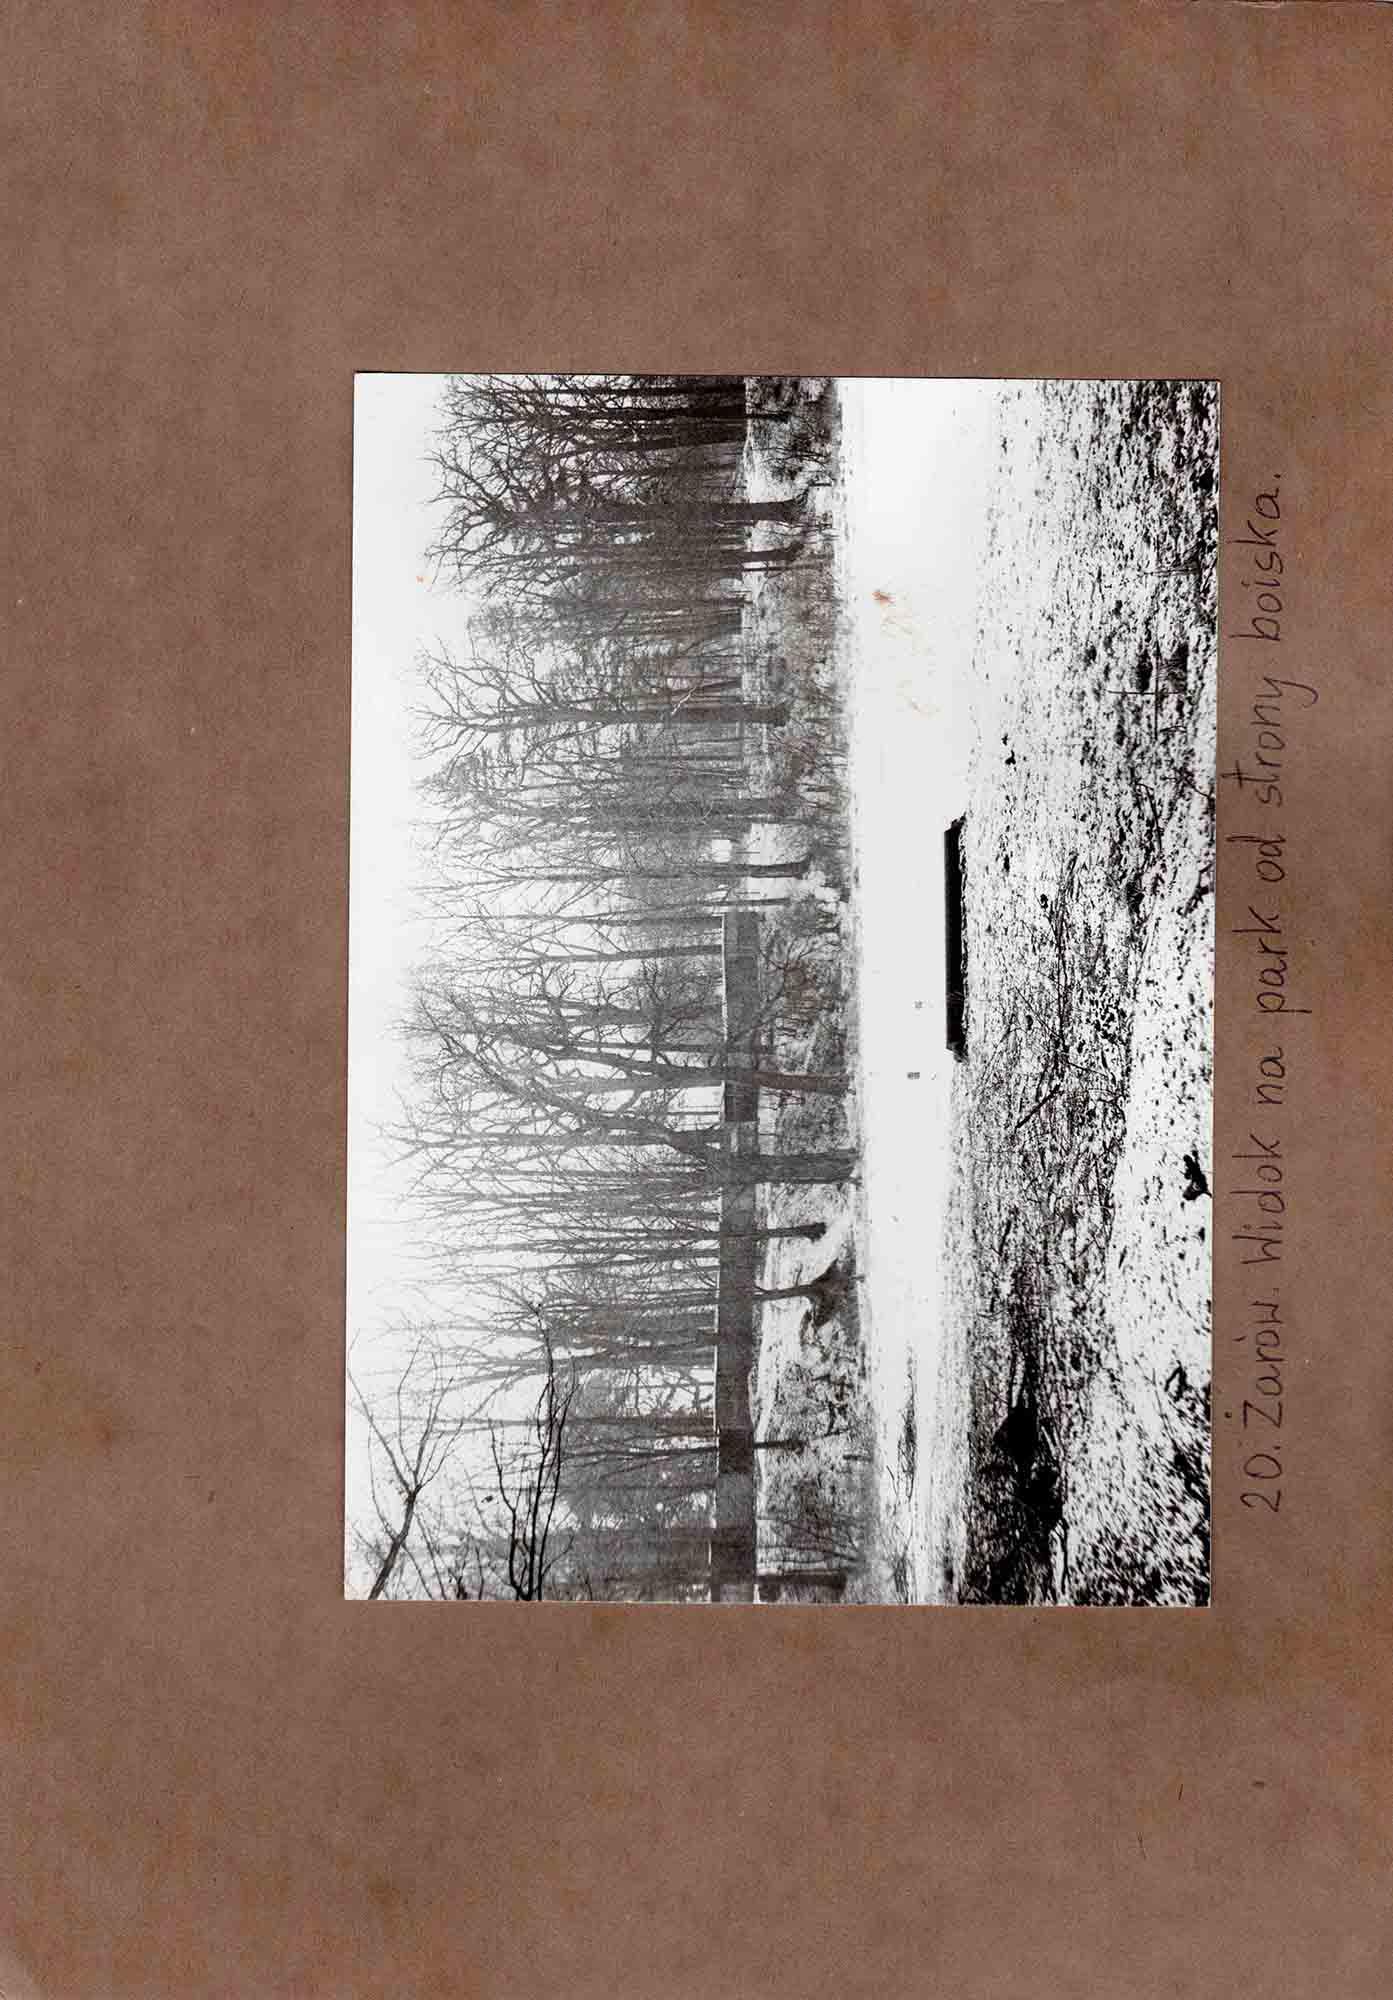 Ewidencja założenia ogrodowo-parkowego 1987 dokument (34)